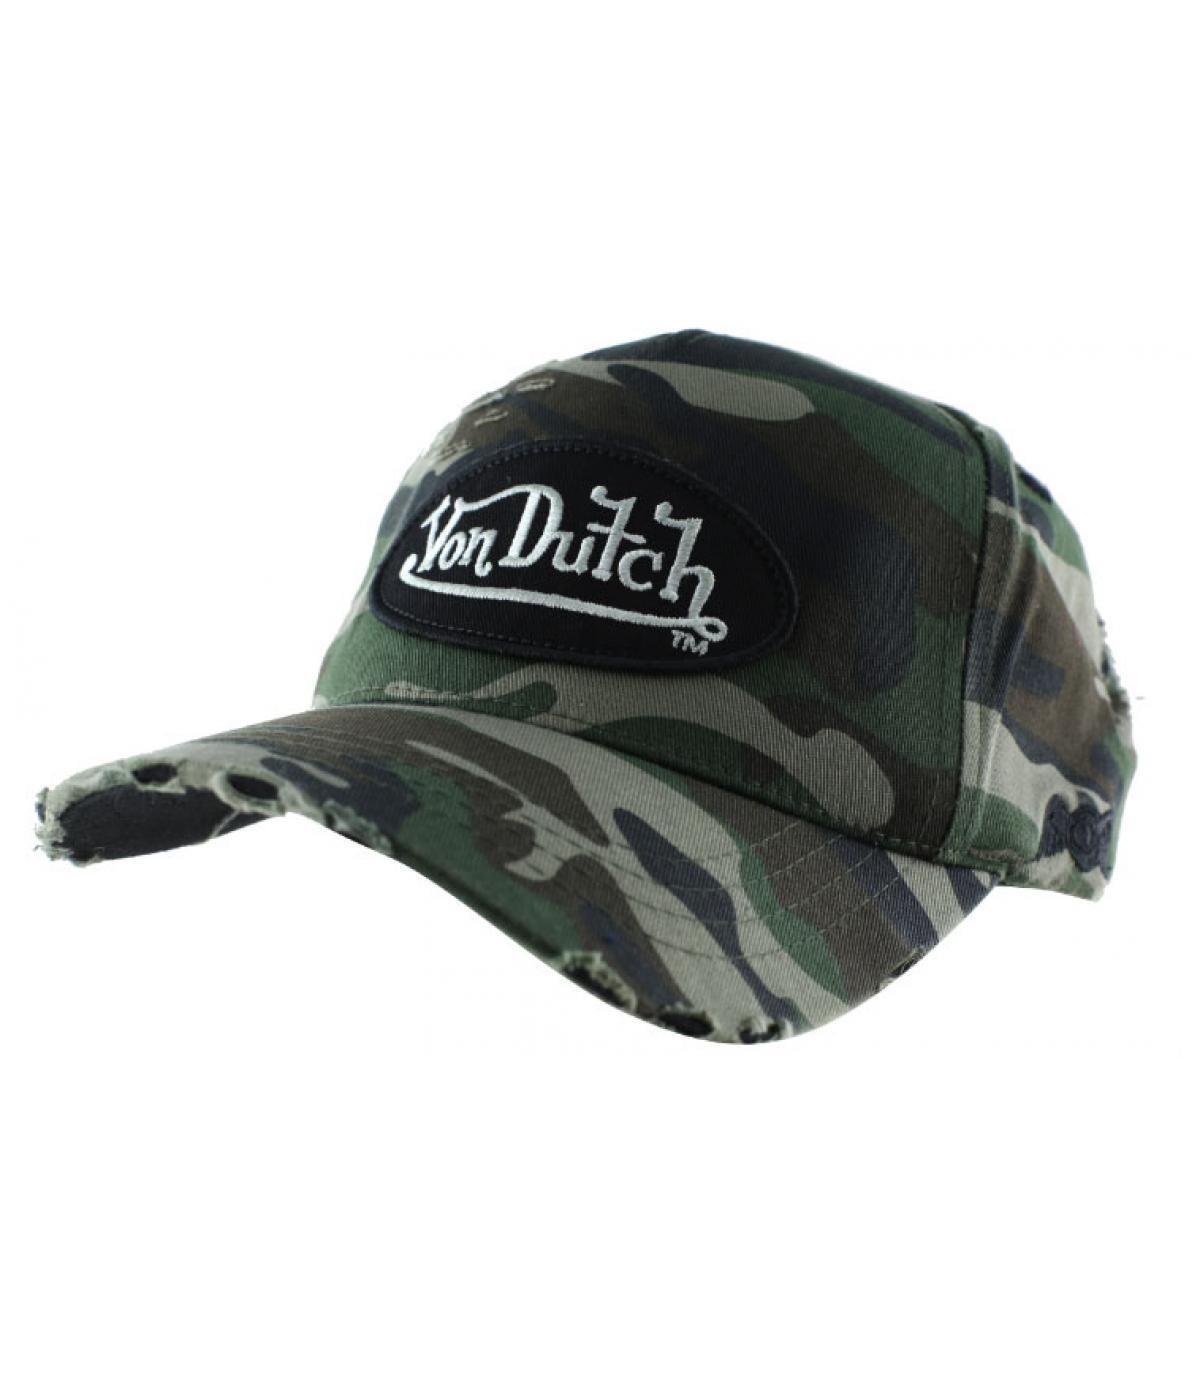 Von Dutch camo gorra